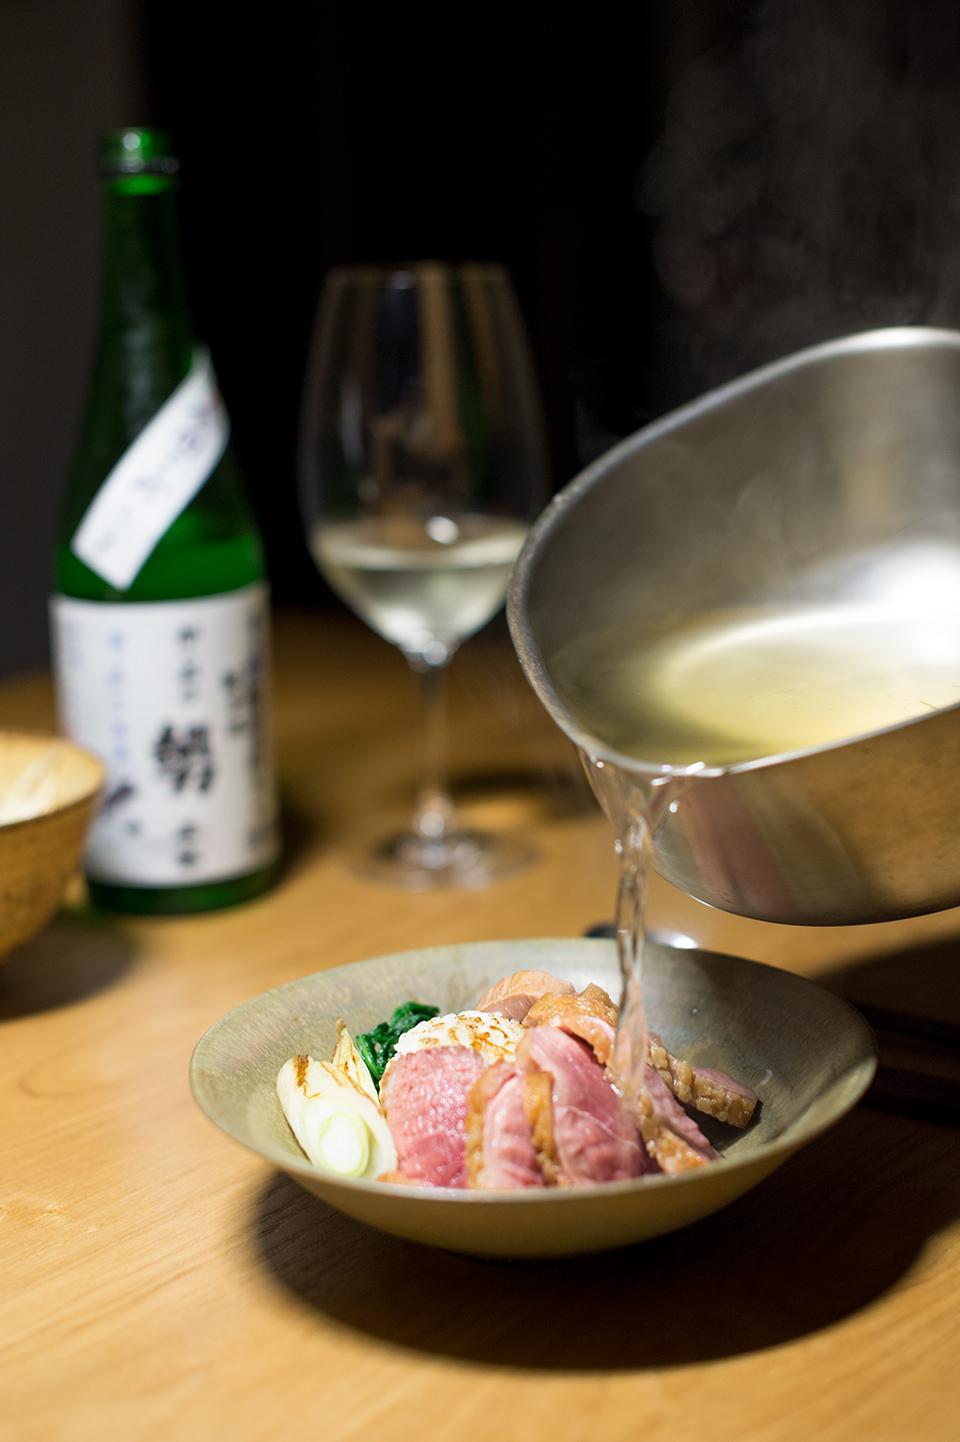 烤飯糰大蔥鴨湯